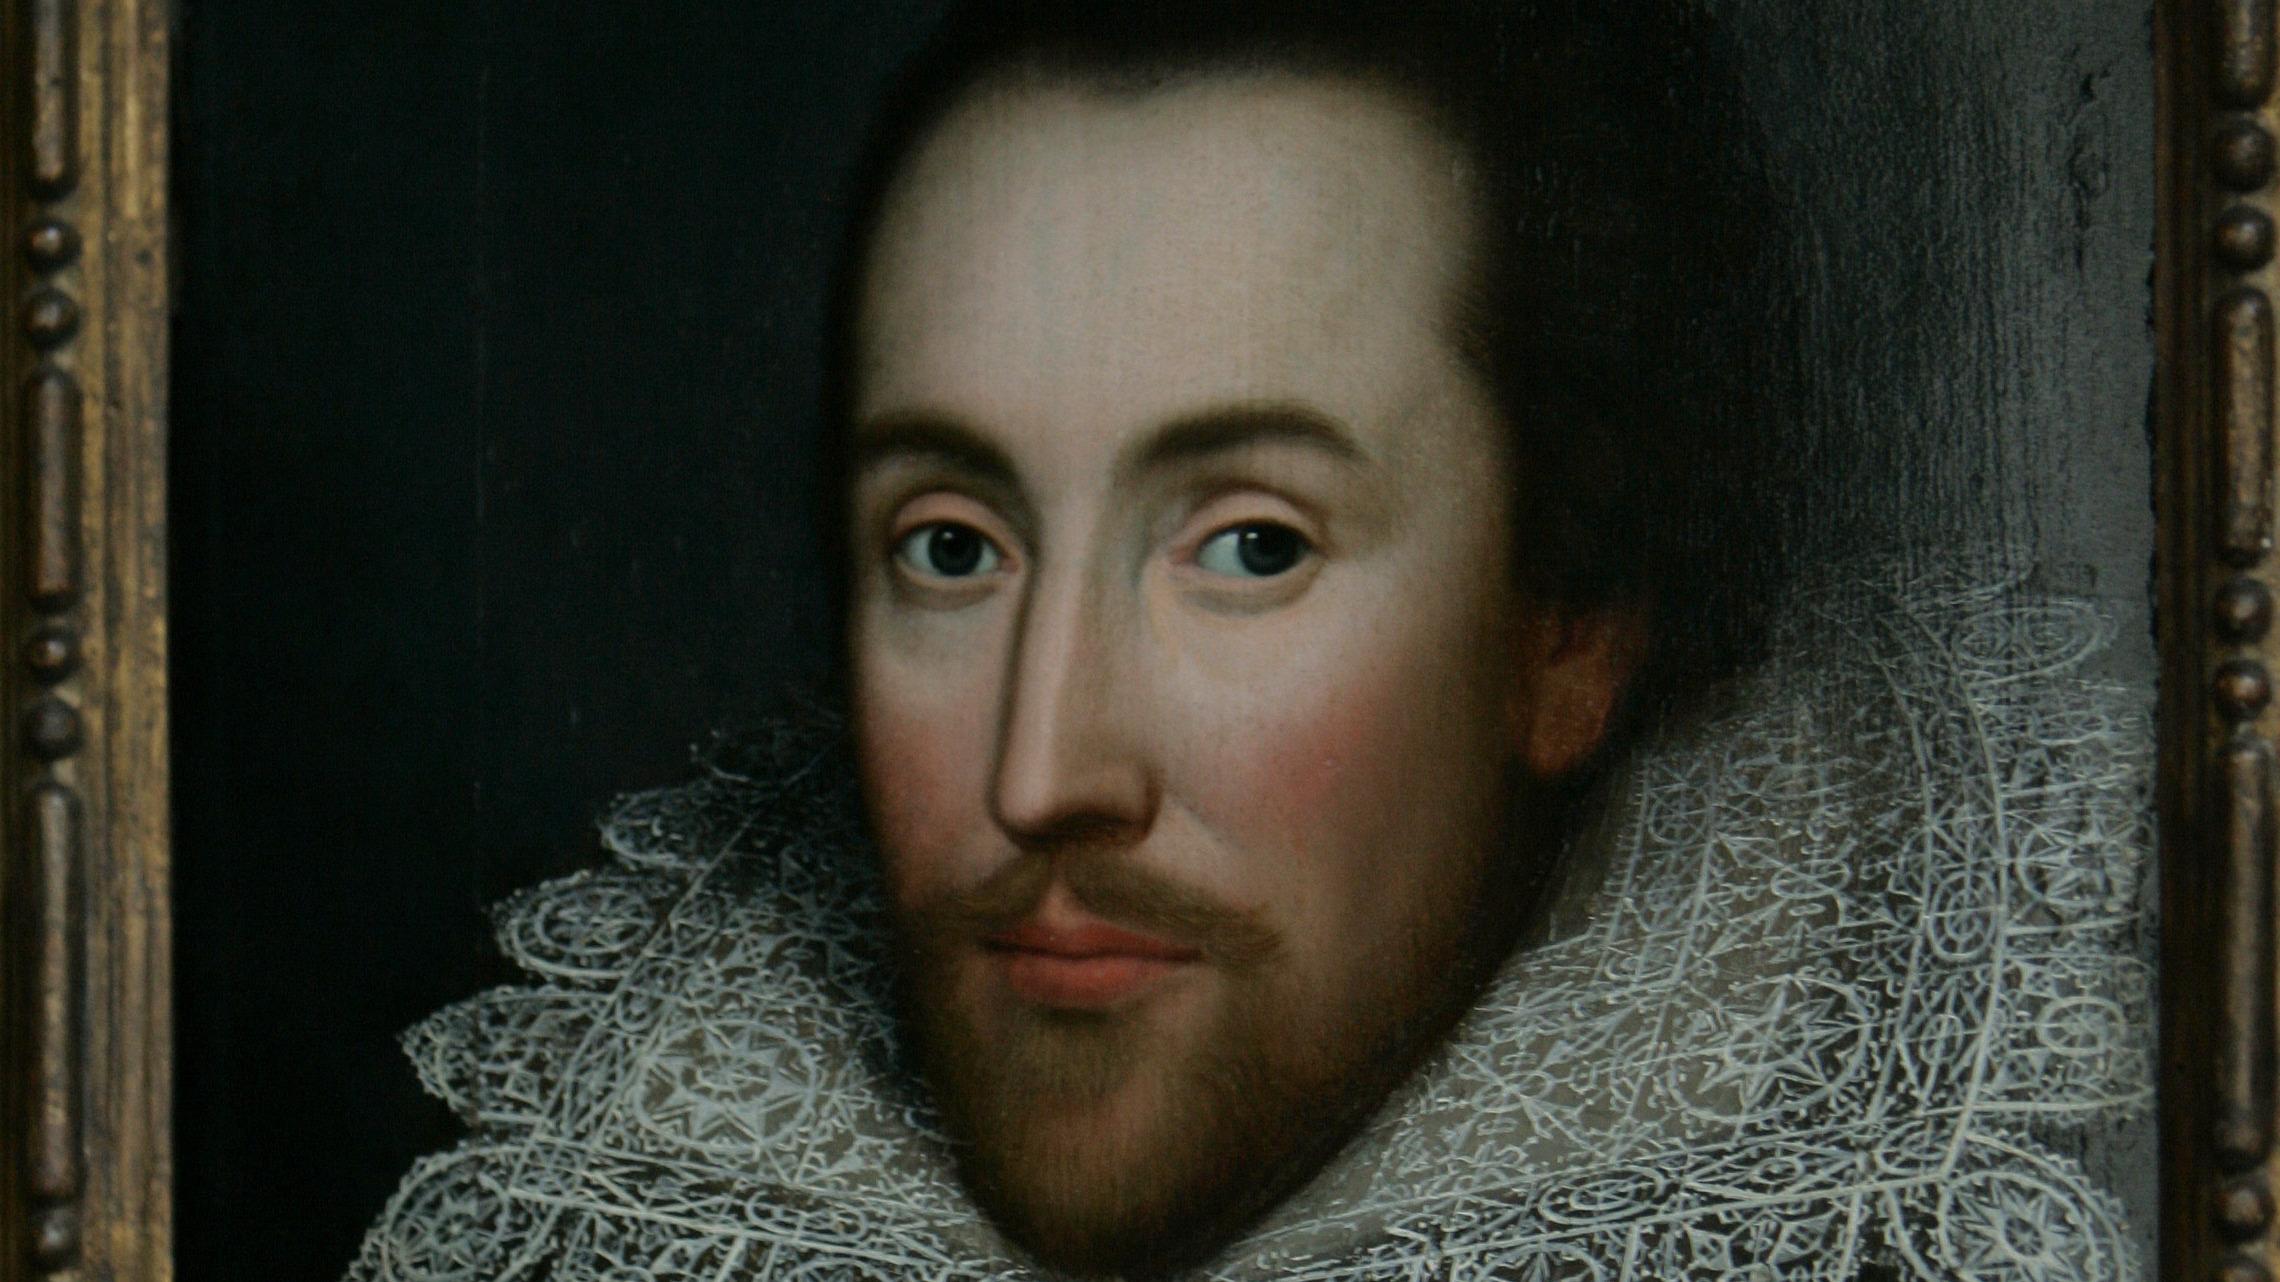 William Shakespeare photo #1078, William Shakespeare image